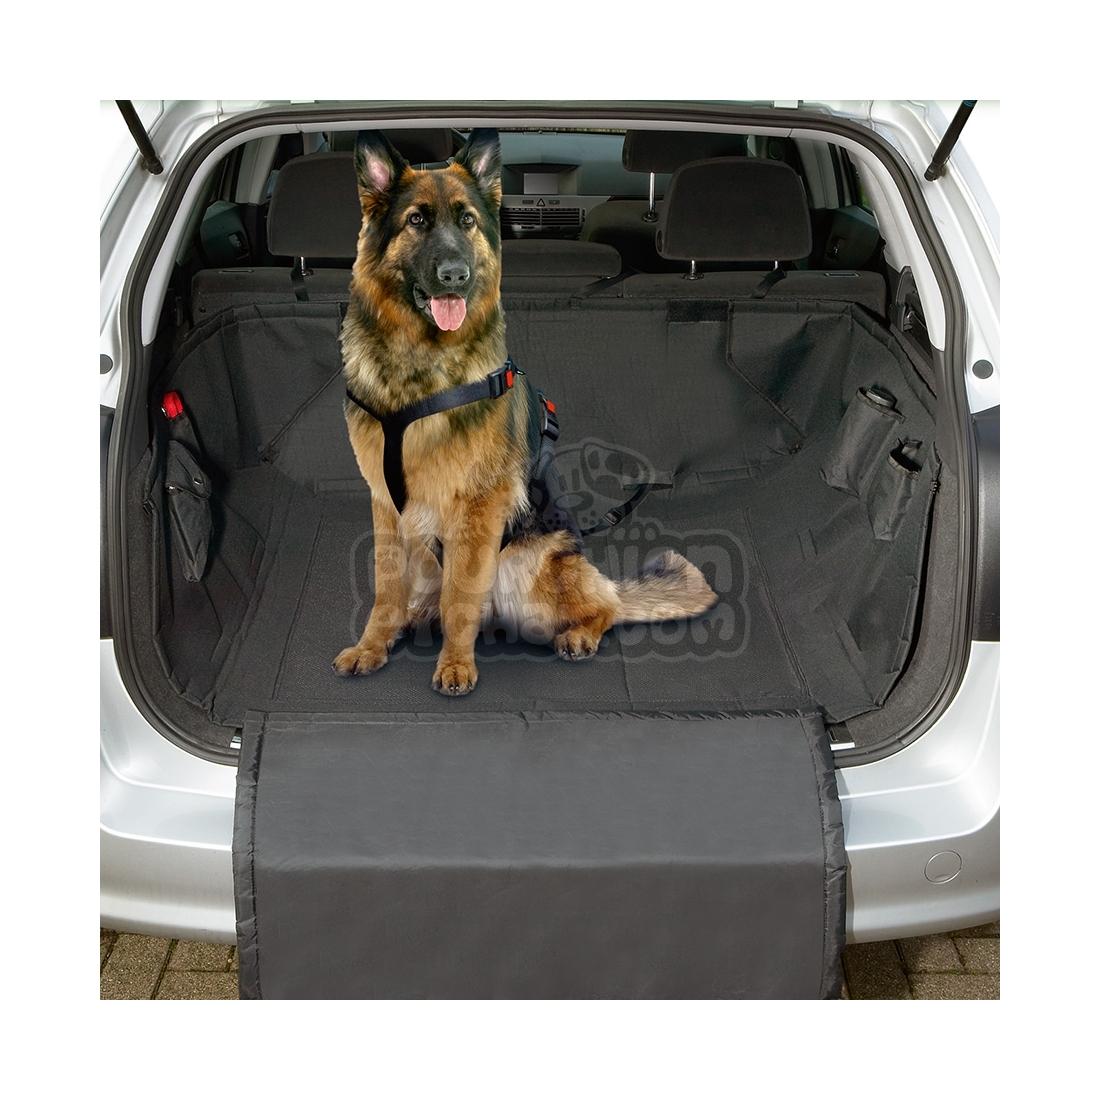 couverture de protection pour coffre de voiture care safe deluxe. Black Bedroom Furniture Sets. Home Design Ideas